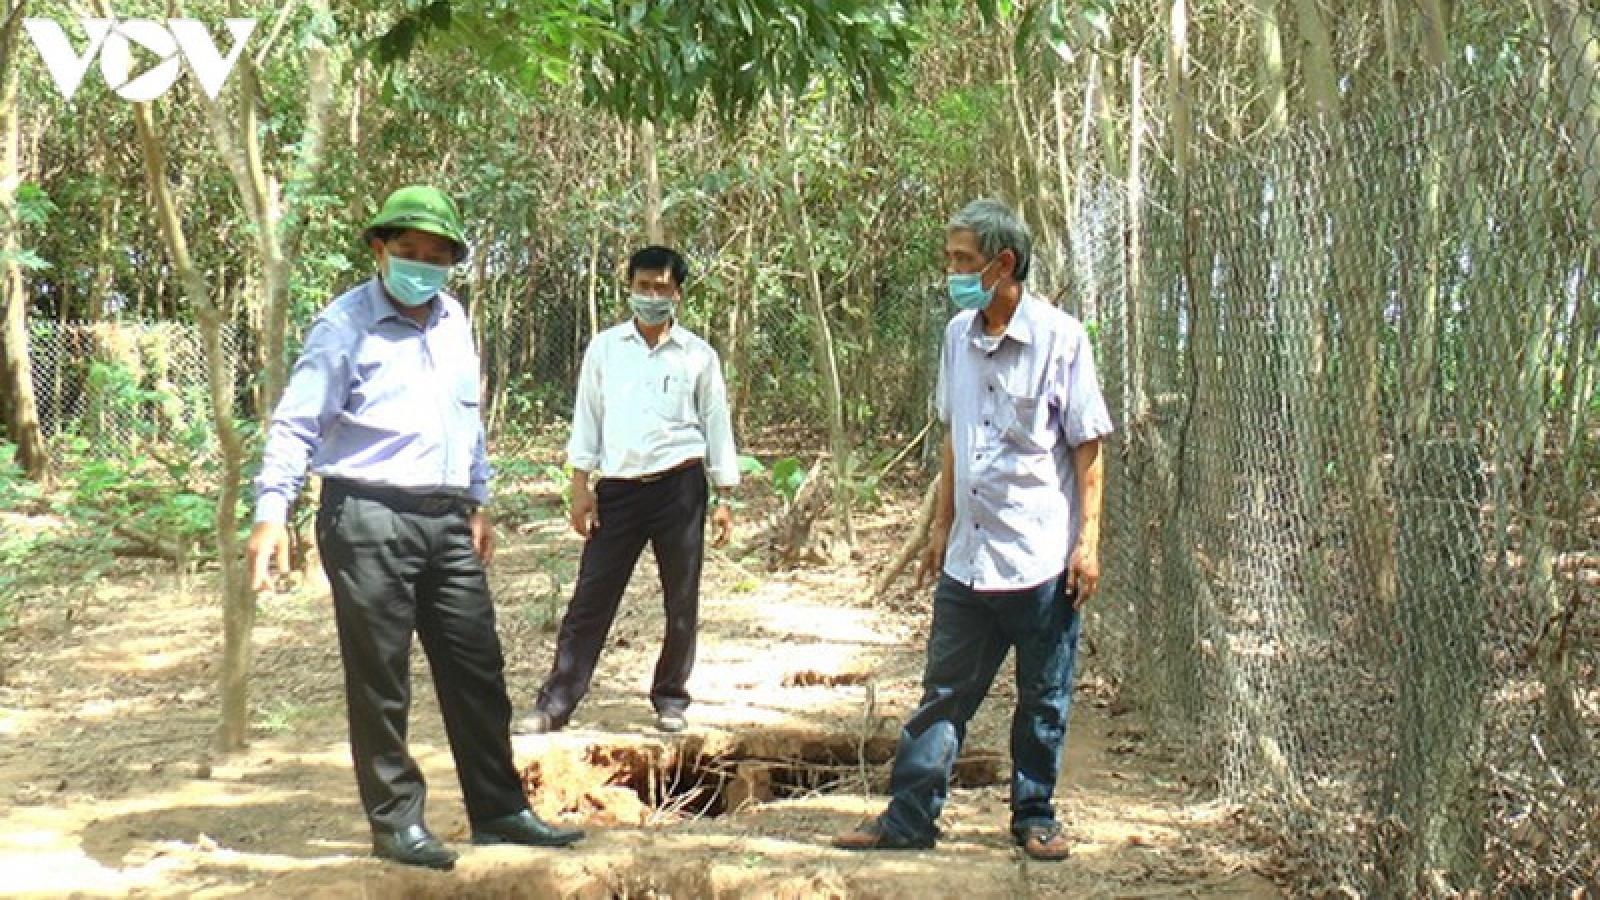 Phát hiện nhiều hố sụt lún trong vườn nhà dân ở Quảng Trị